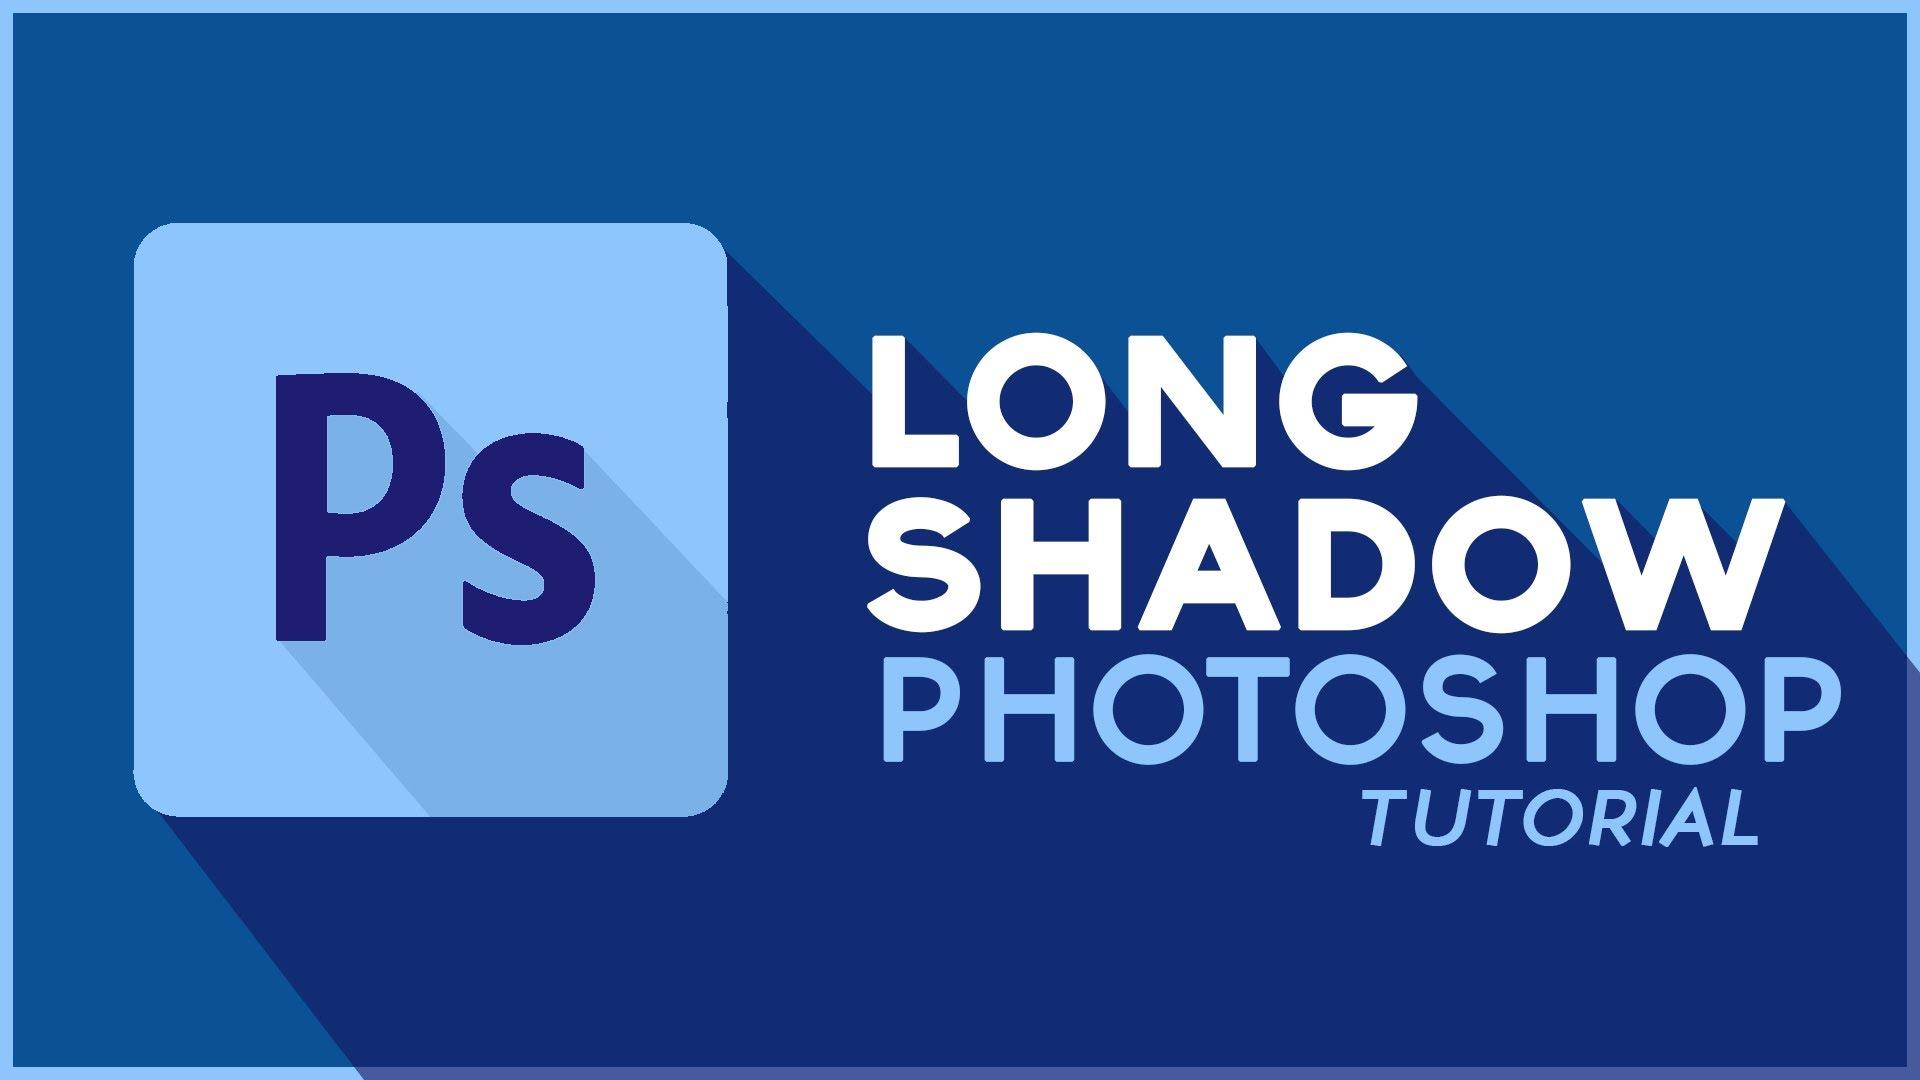 long shadow en photoshop diseños creativos